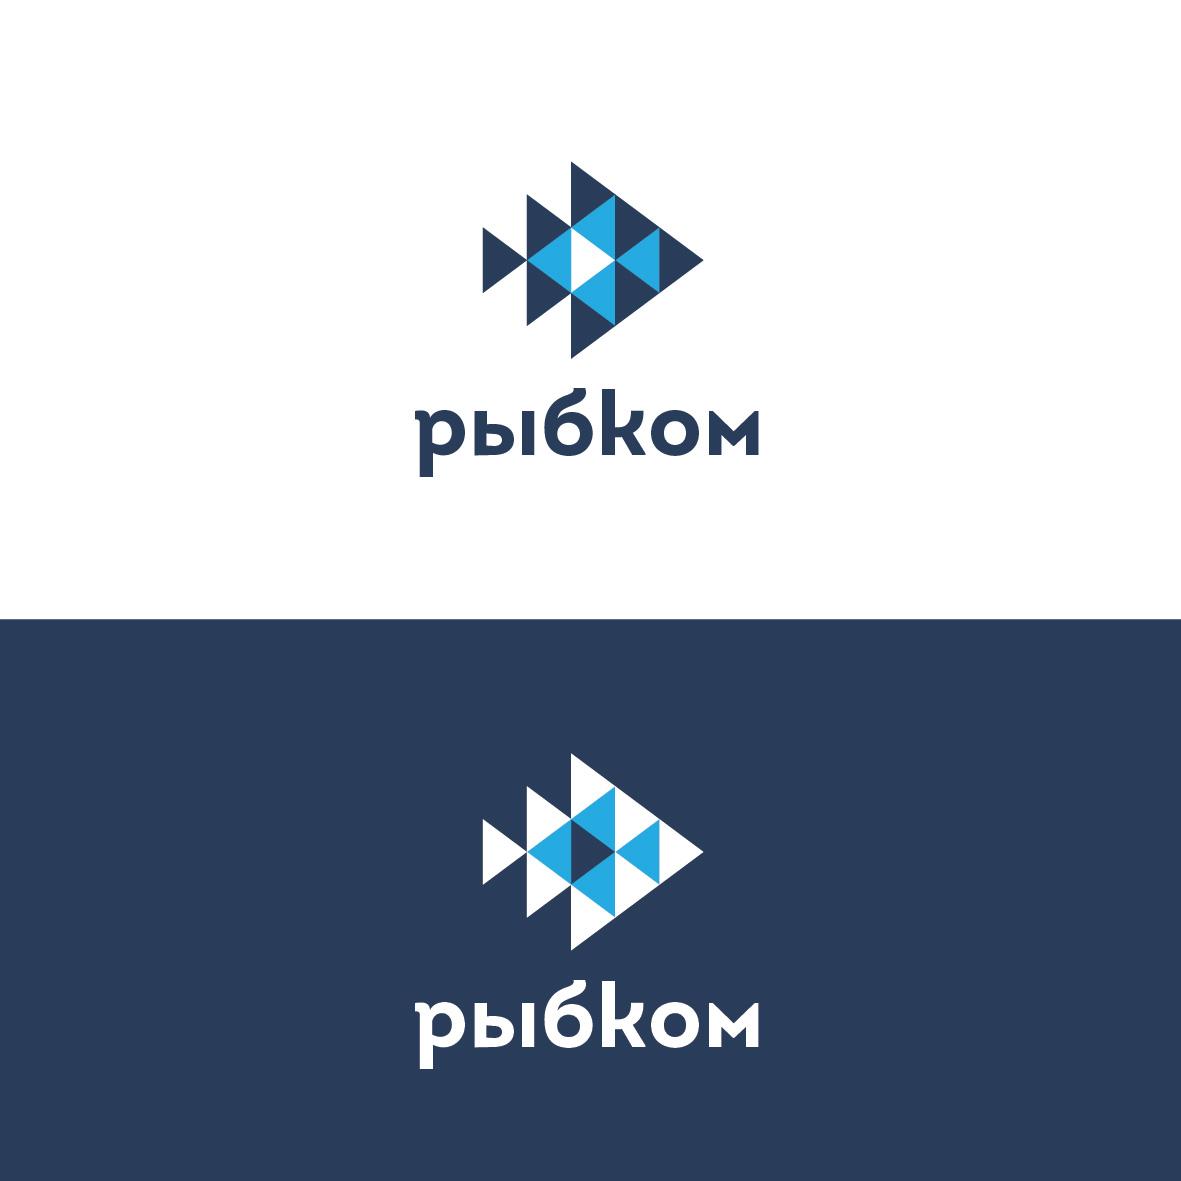 Создание логотипа и брэндбука для компании РЫБКОМ фото f_5005c0e291e2cac7.jpg